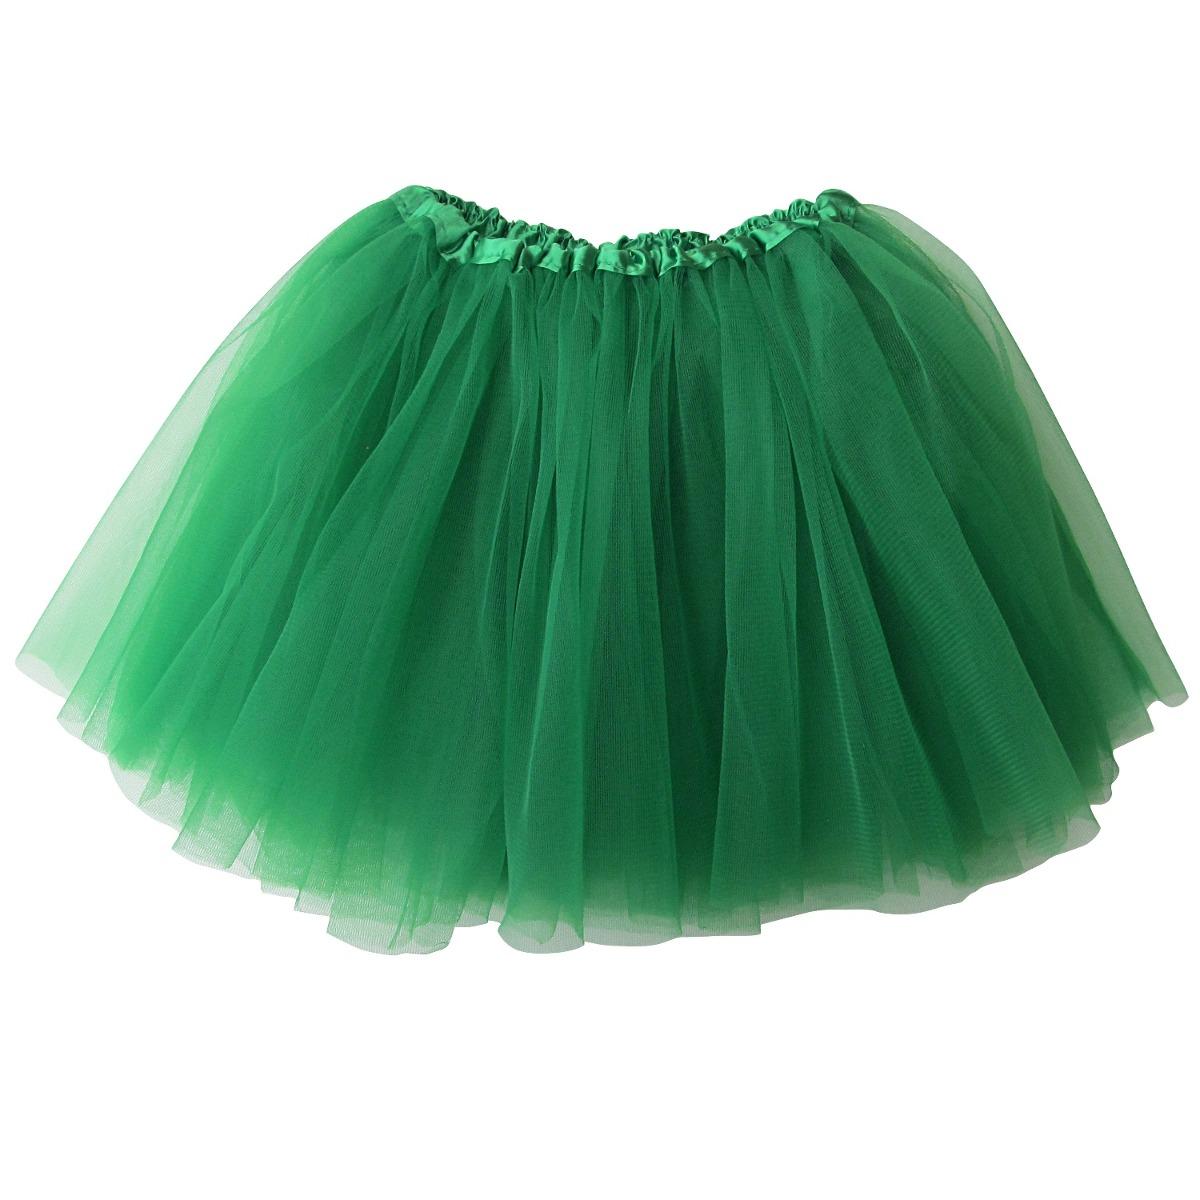 pulcro nueva envío directo Falda Para Niñas Tutu Básico En Tul Chiffon Vestido De